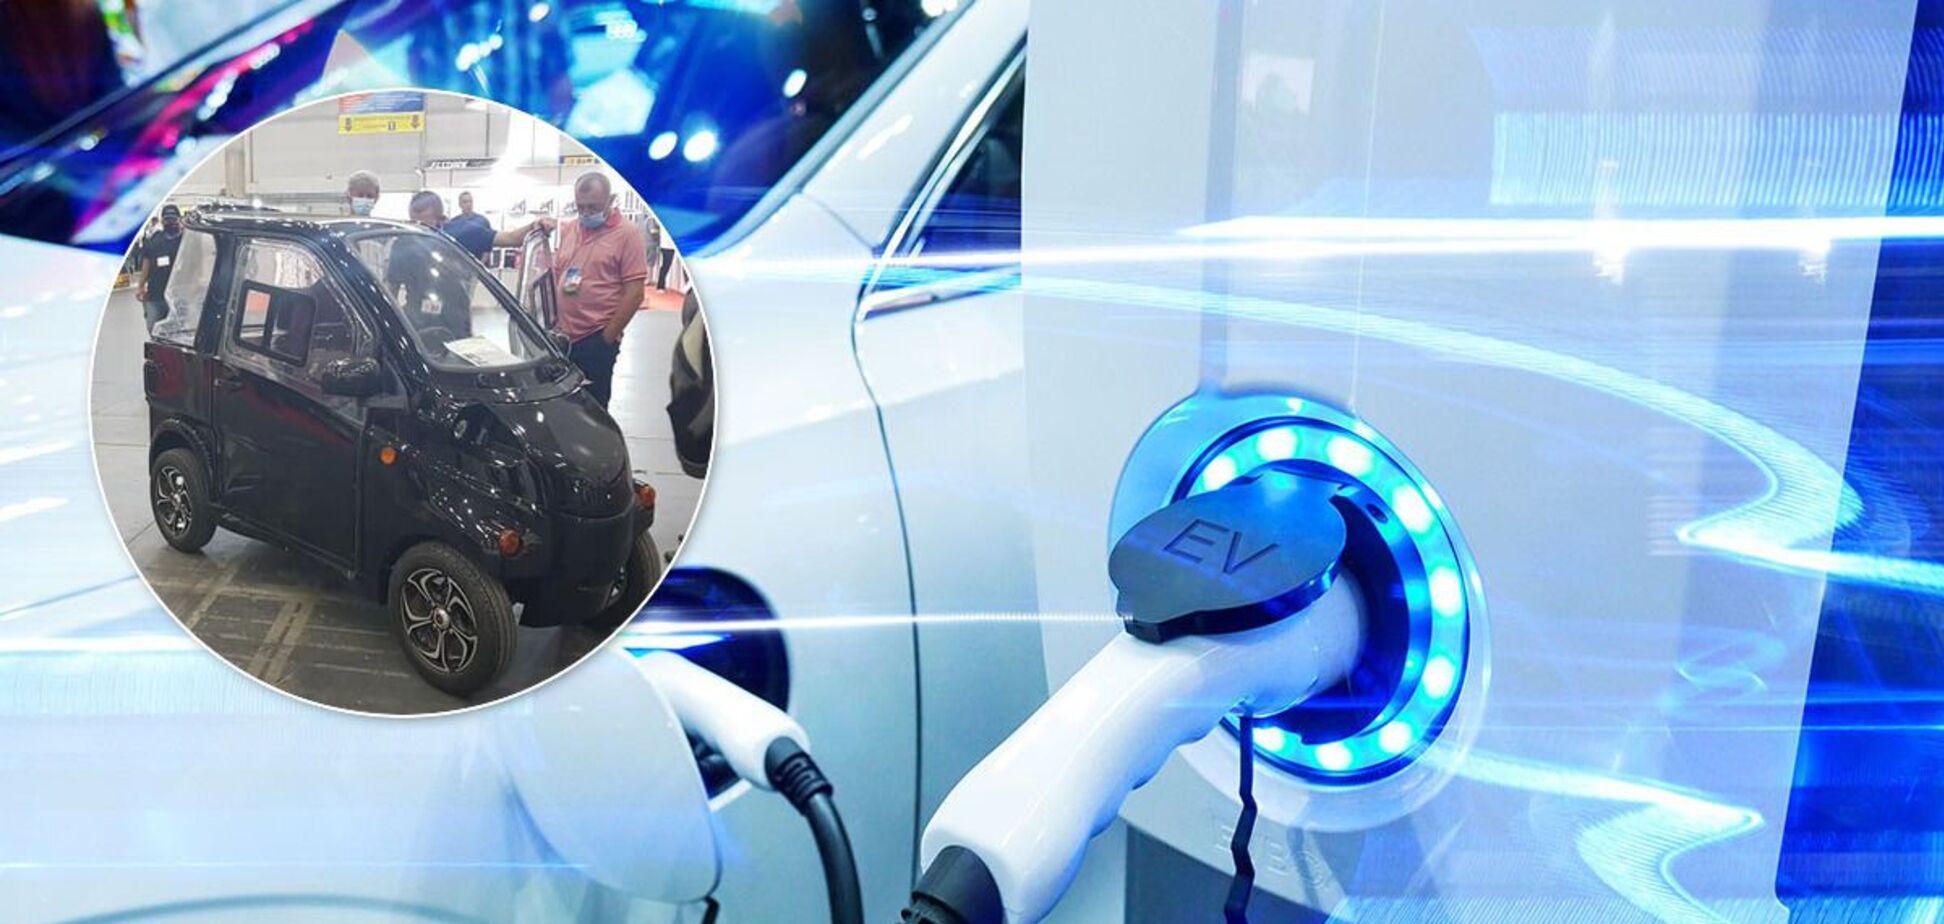 Украинский электромобиль предлагает запас хода 120 км